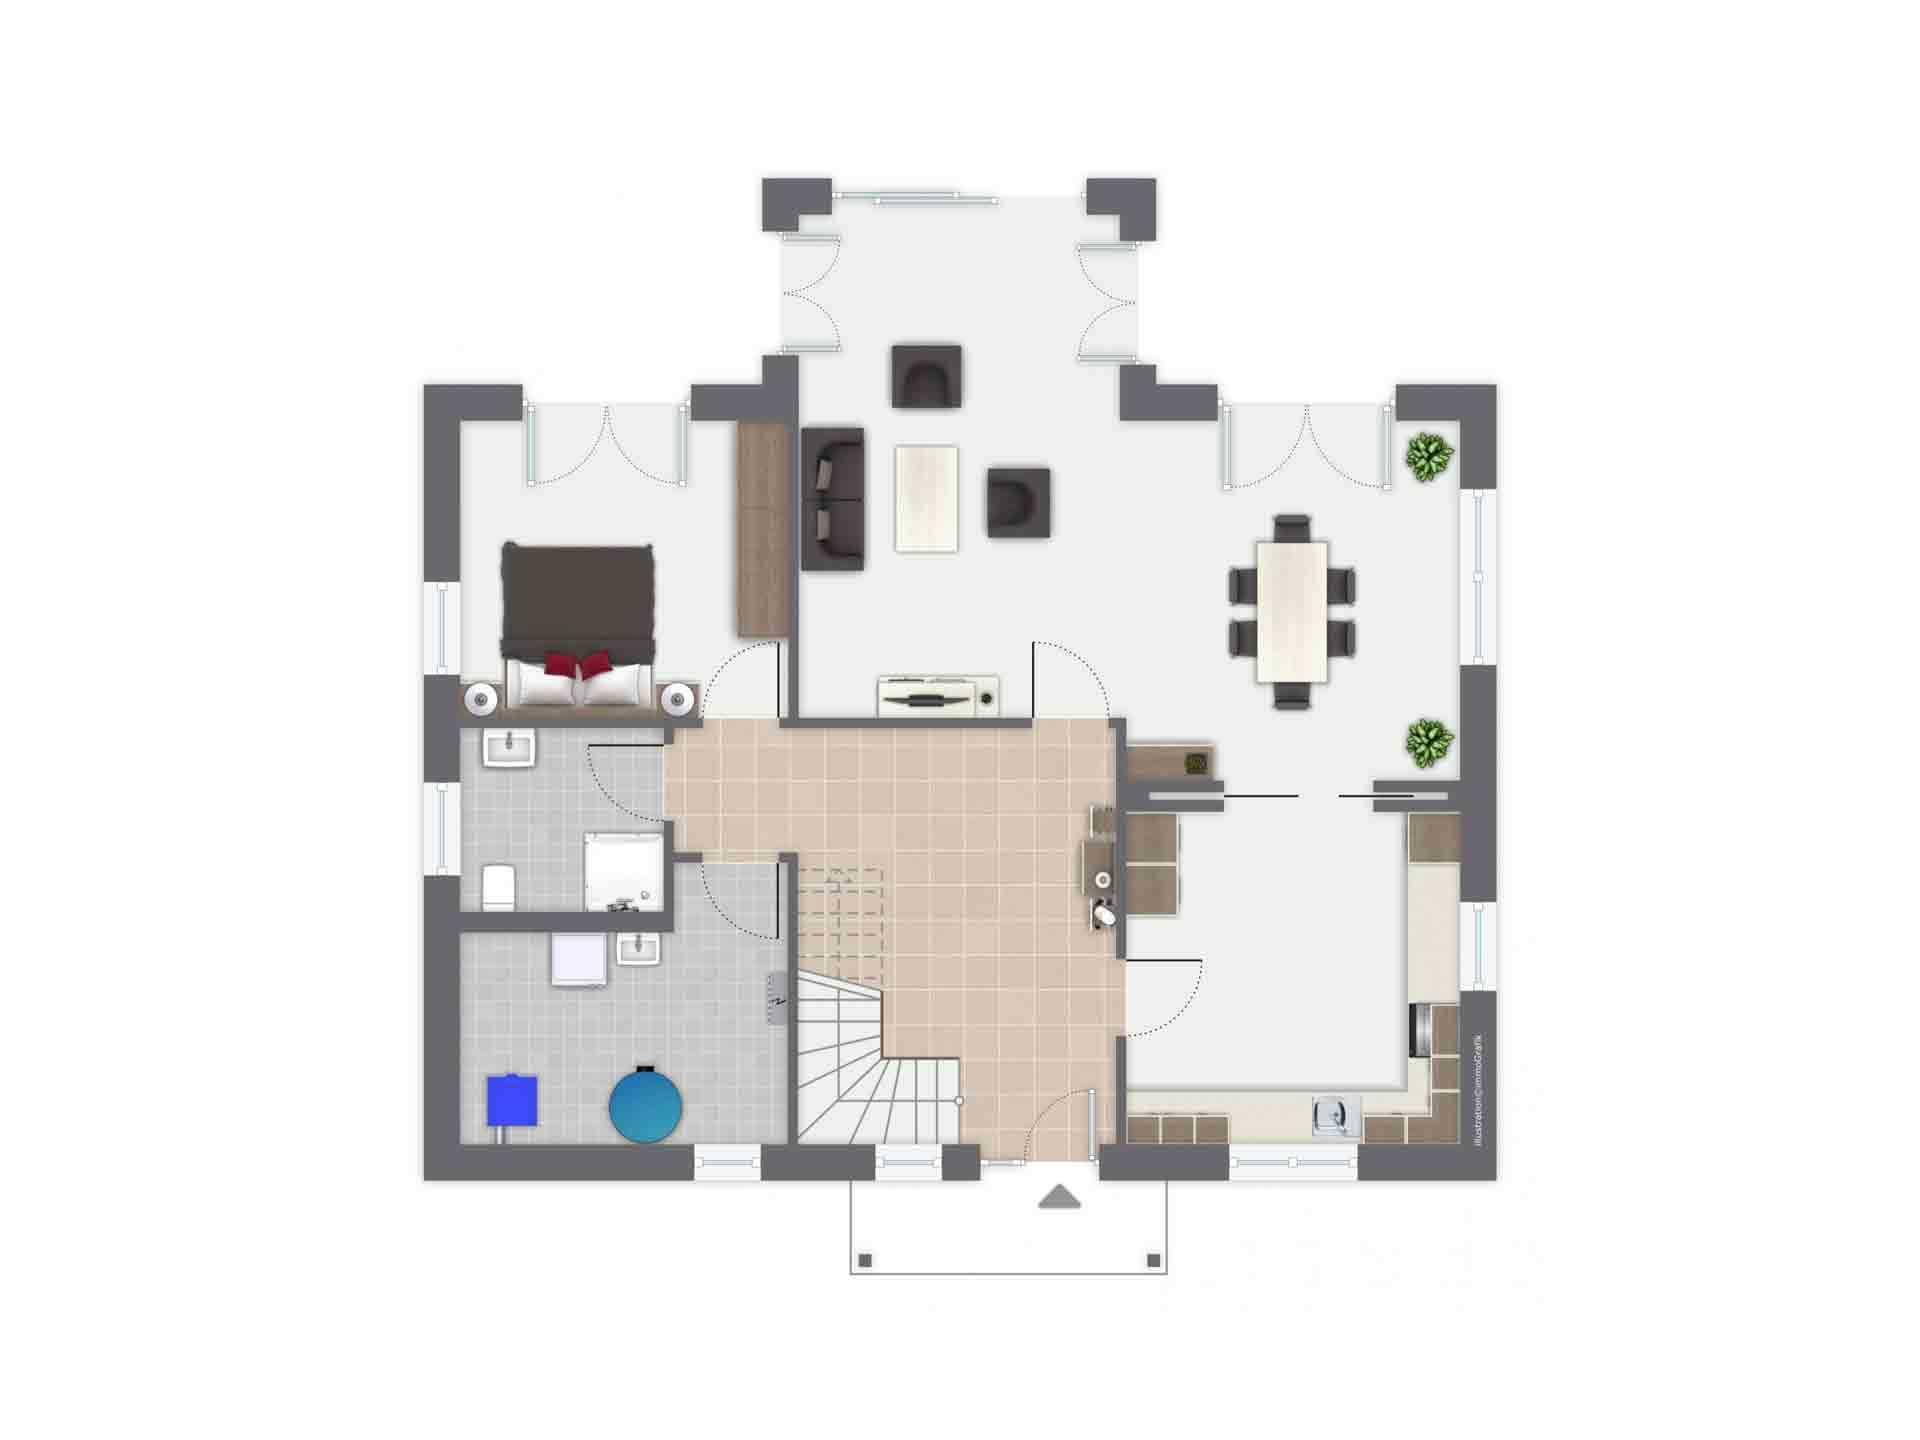 Haus Löwental - Eine Nahaufnahme von einem Spielzeug - Haus